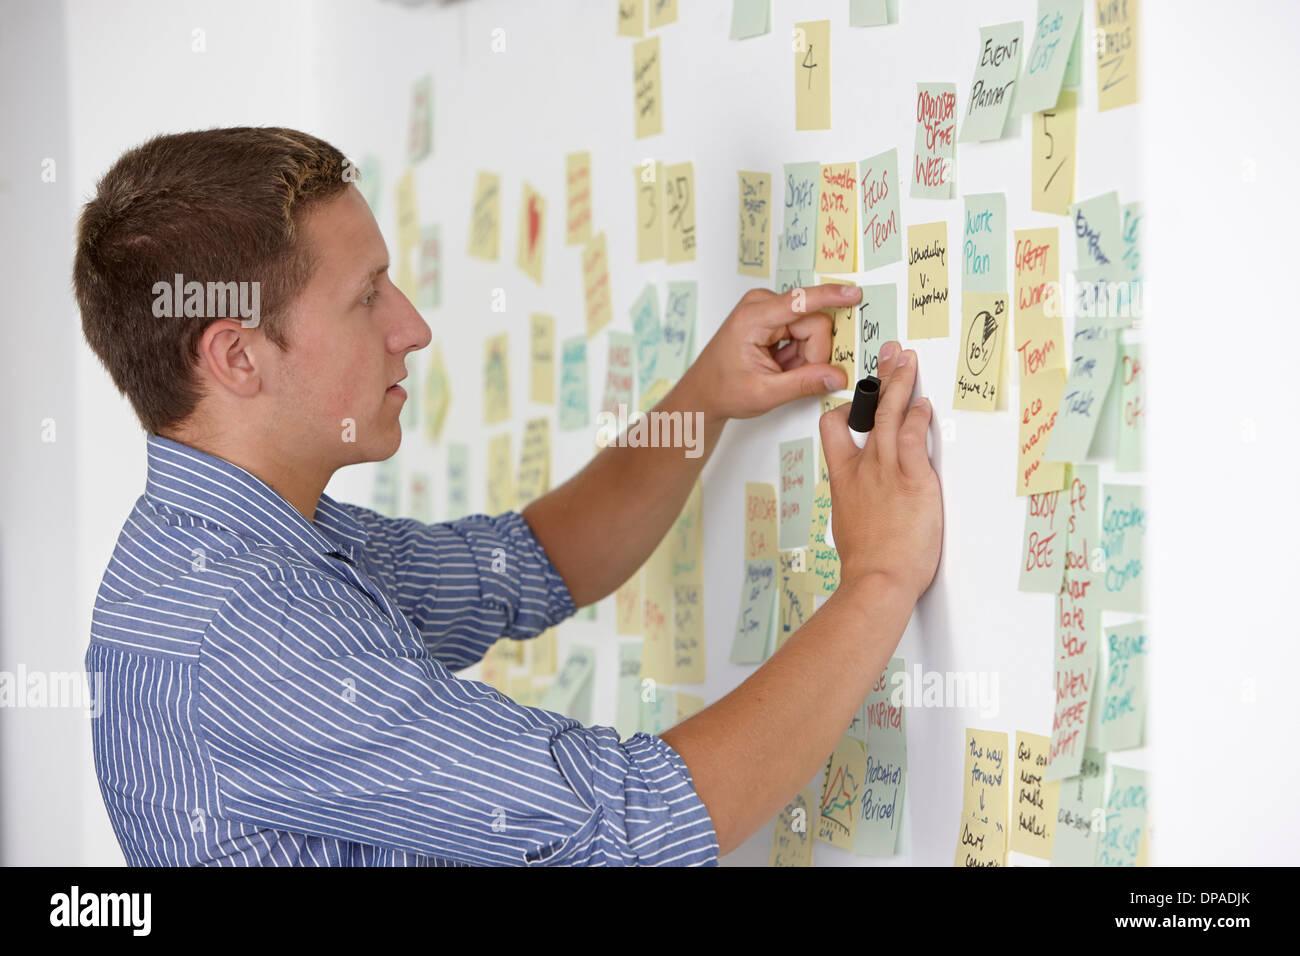 Giovane uomo incollaggio nota adesiva sulla parete Immagini Stock